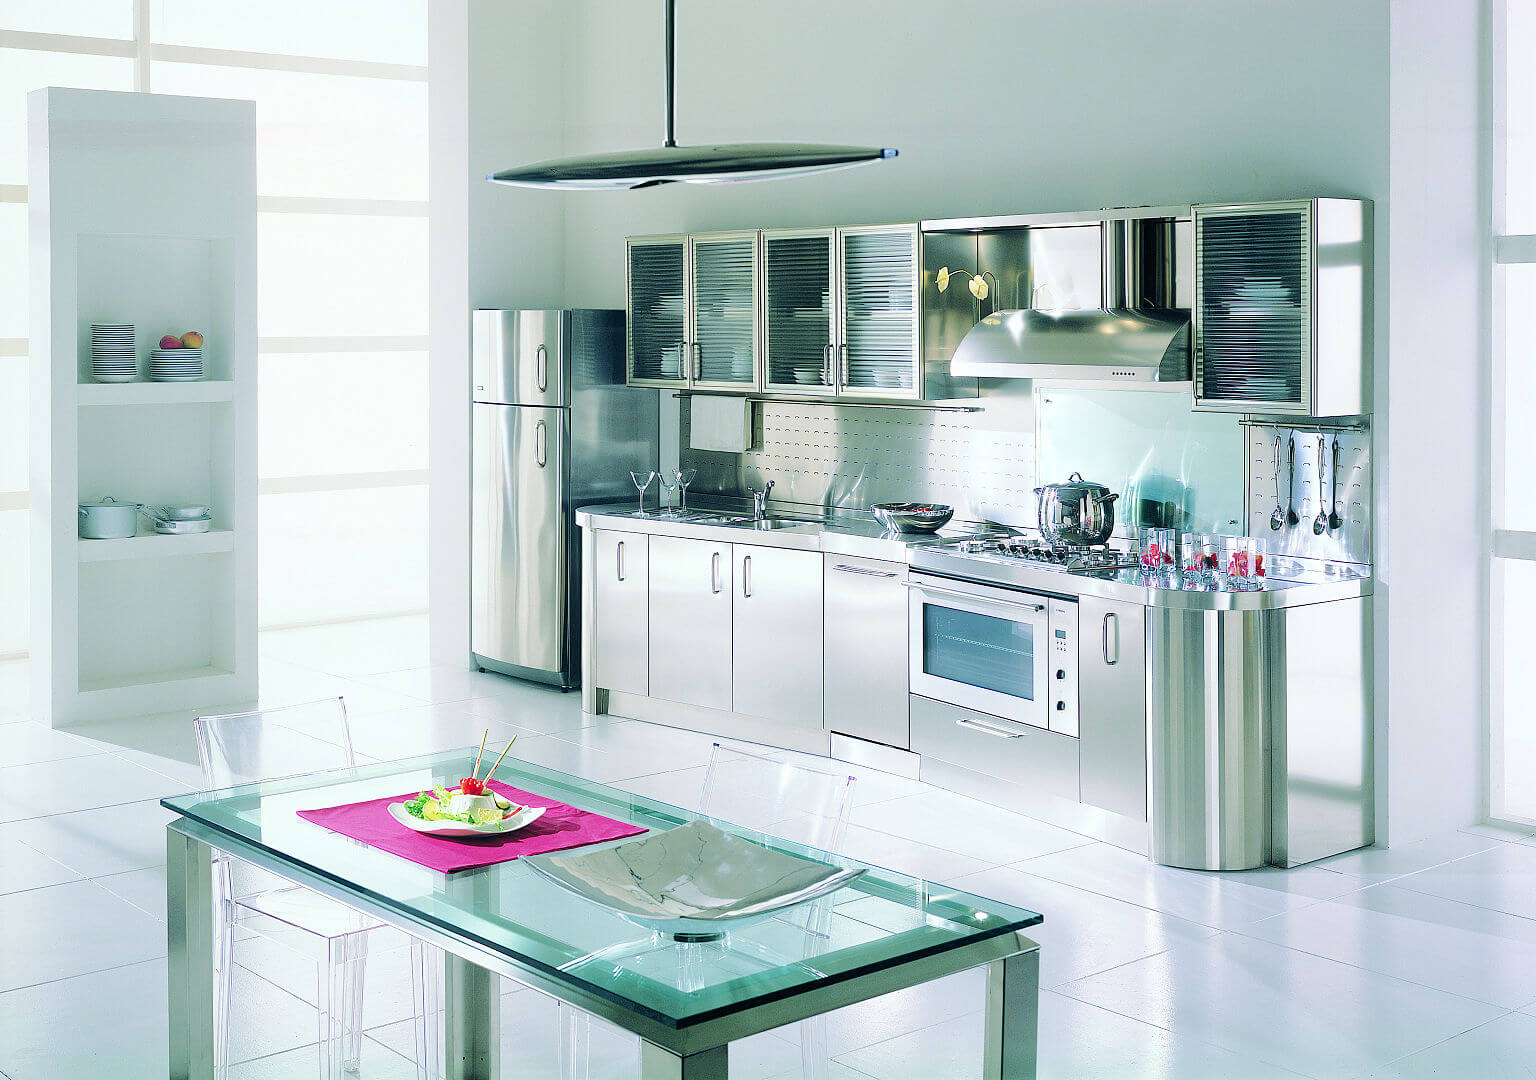 Cucine in acciaio inox prezzi borlina acciaio cucine torino cucine componibili in acciaio foto - Cucine alpes inox prezzi ...